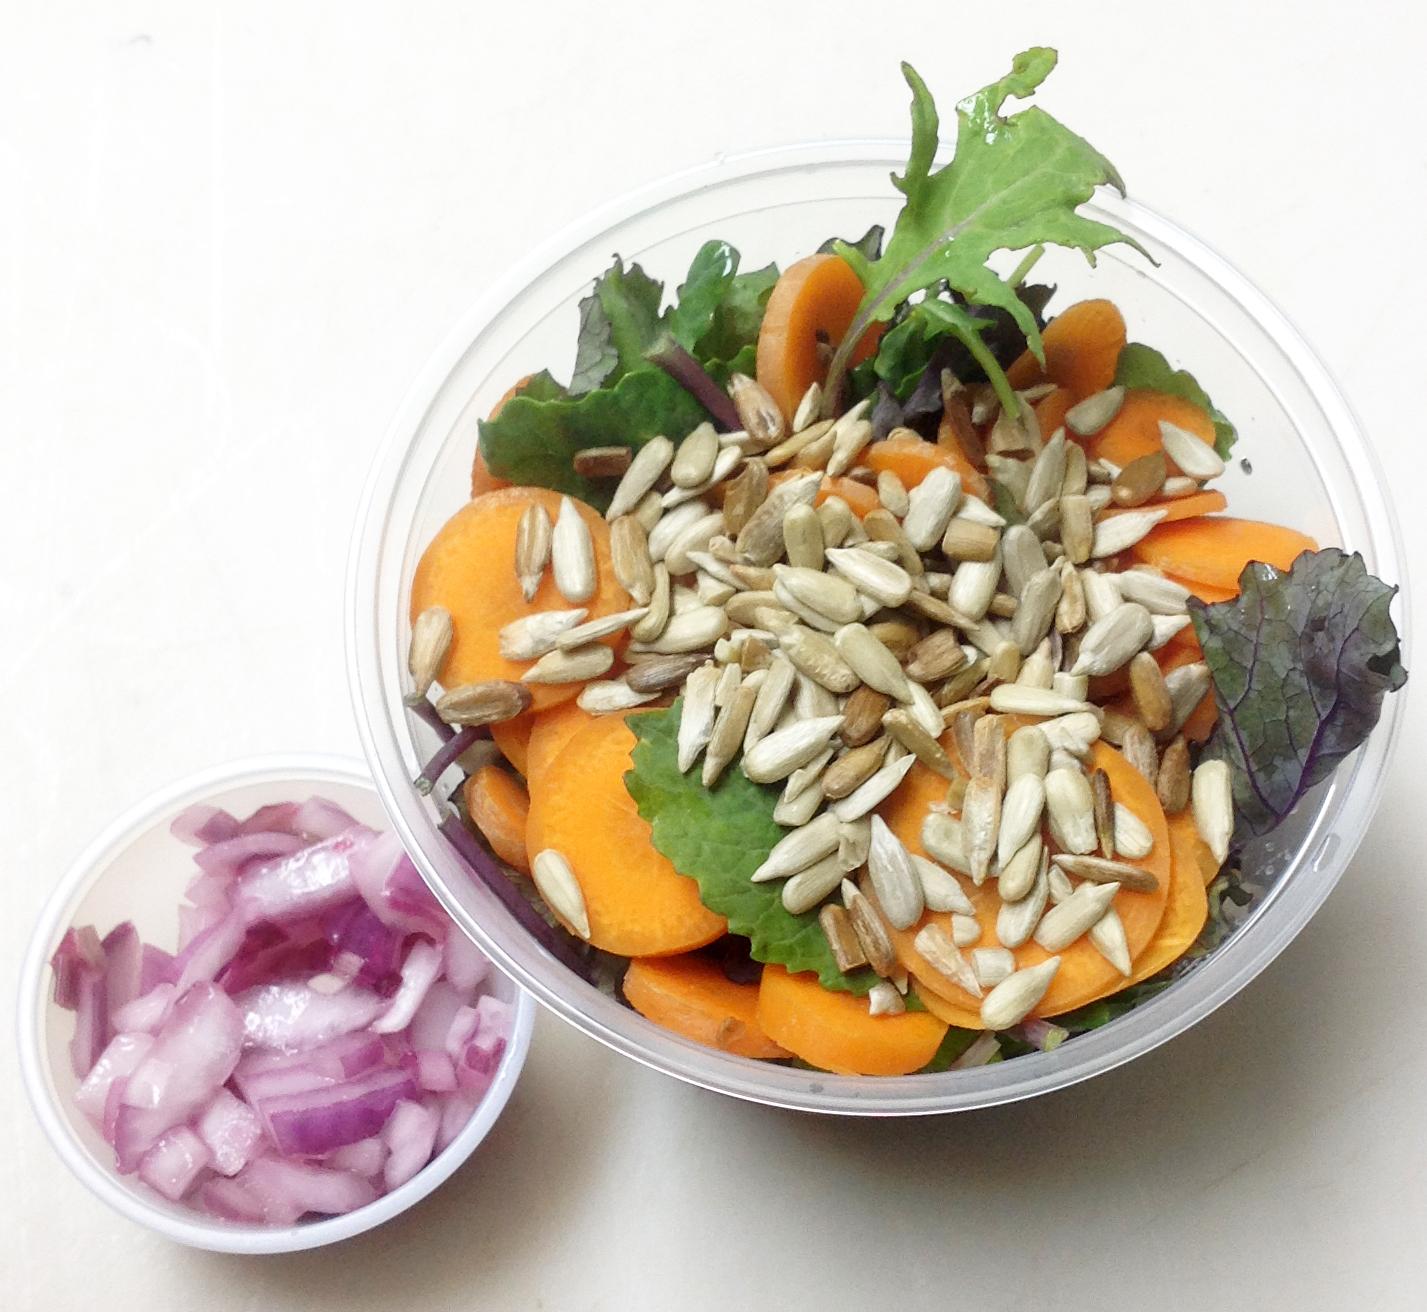 kale-salad-2.jpg